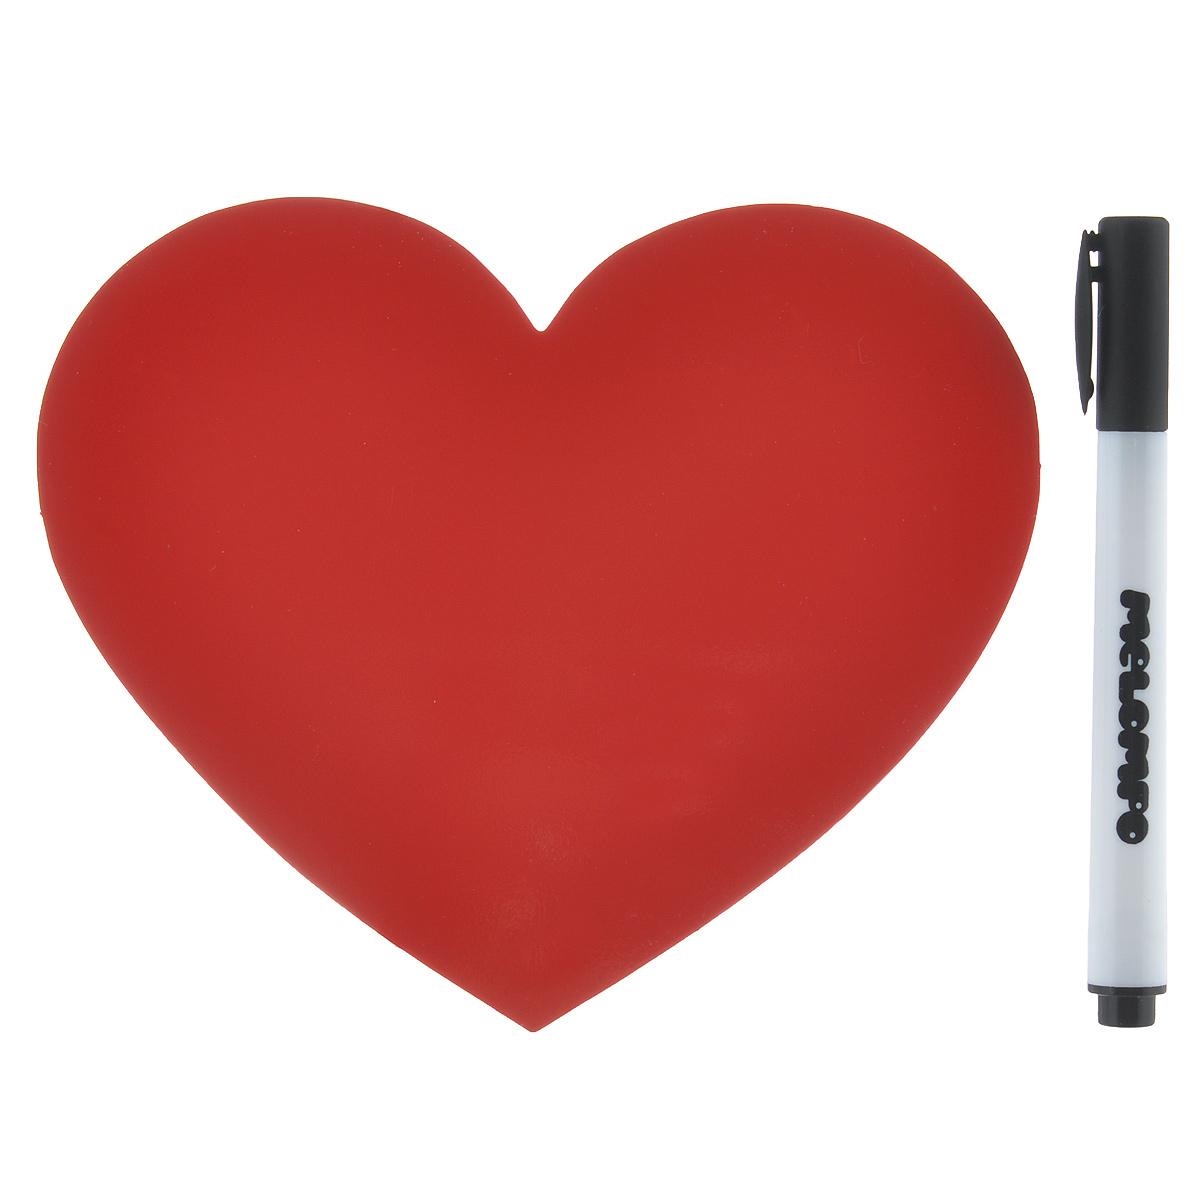 Памятка маркерная Melompo Сердце, 12 х 10 смRB123Магнитная доска на холодильник Melompo Сердце - оригинальная вещь для ежедневных посланий родным и близким. Доска выполнена в виде сердца.В комплект входят:Памятка - легко примагничивается и просто снимается.Маркер - прекрасно пишет и также хорошо стирается.Держатель - позволит примагнитить памятку к неметаллической поверхности.